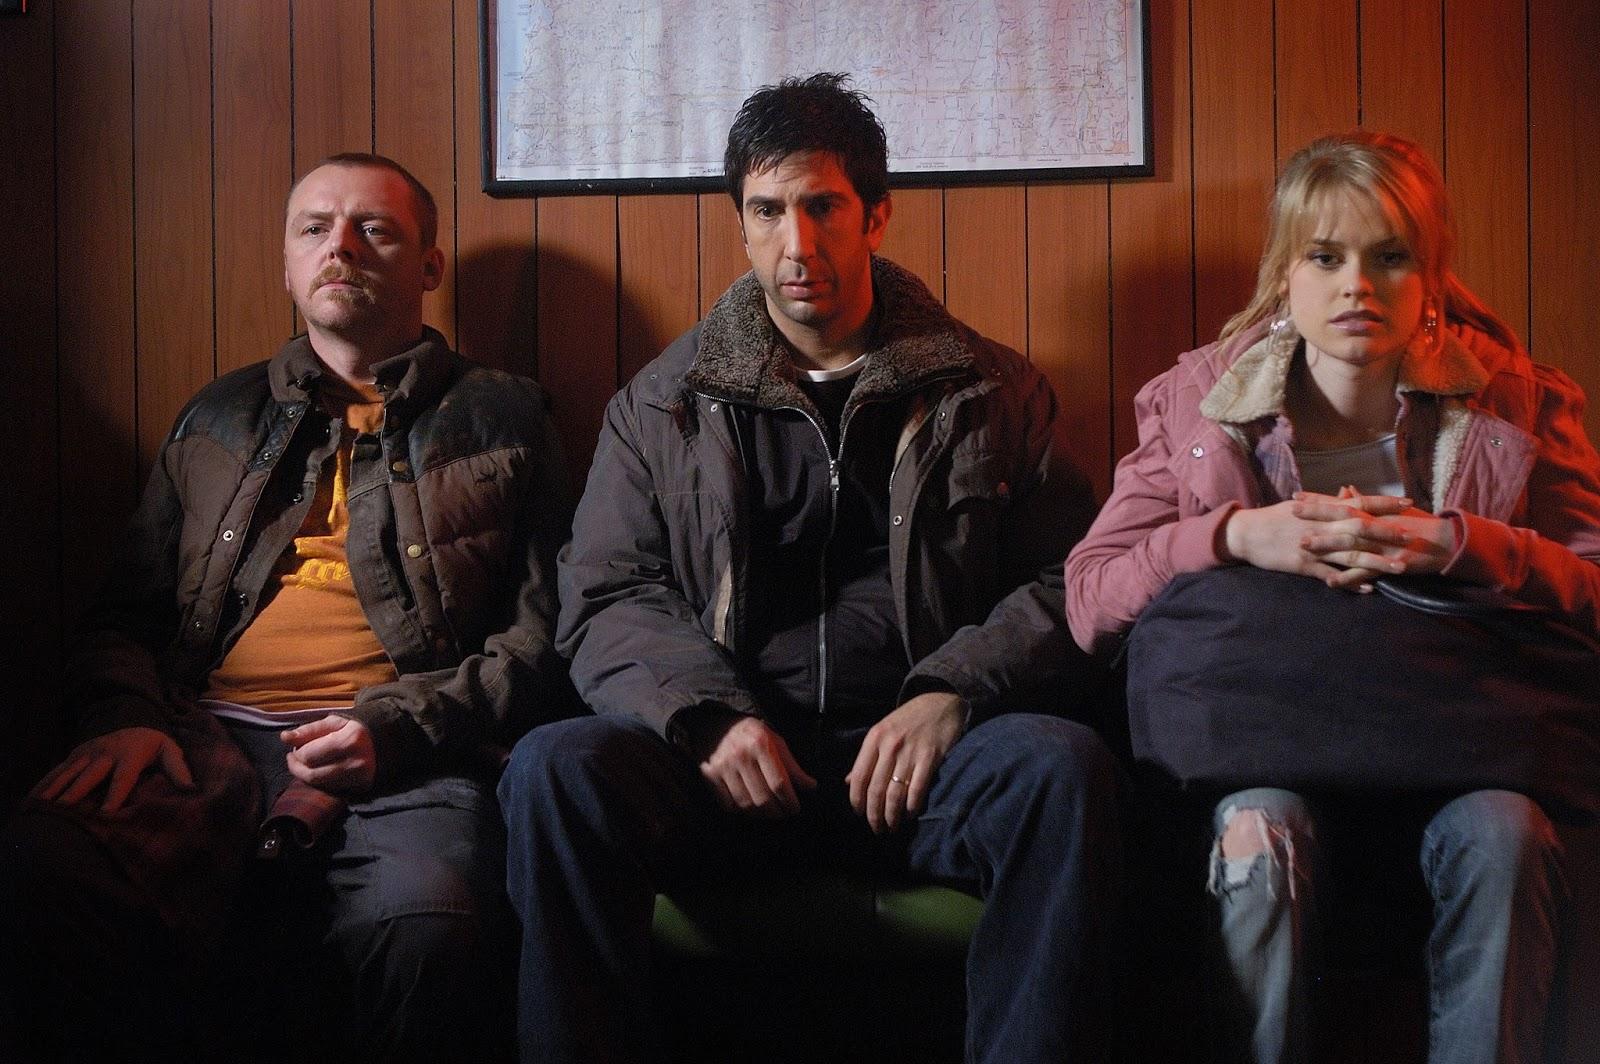 Комедия Полный облом (Big nothing), 2006